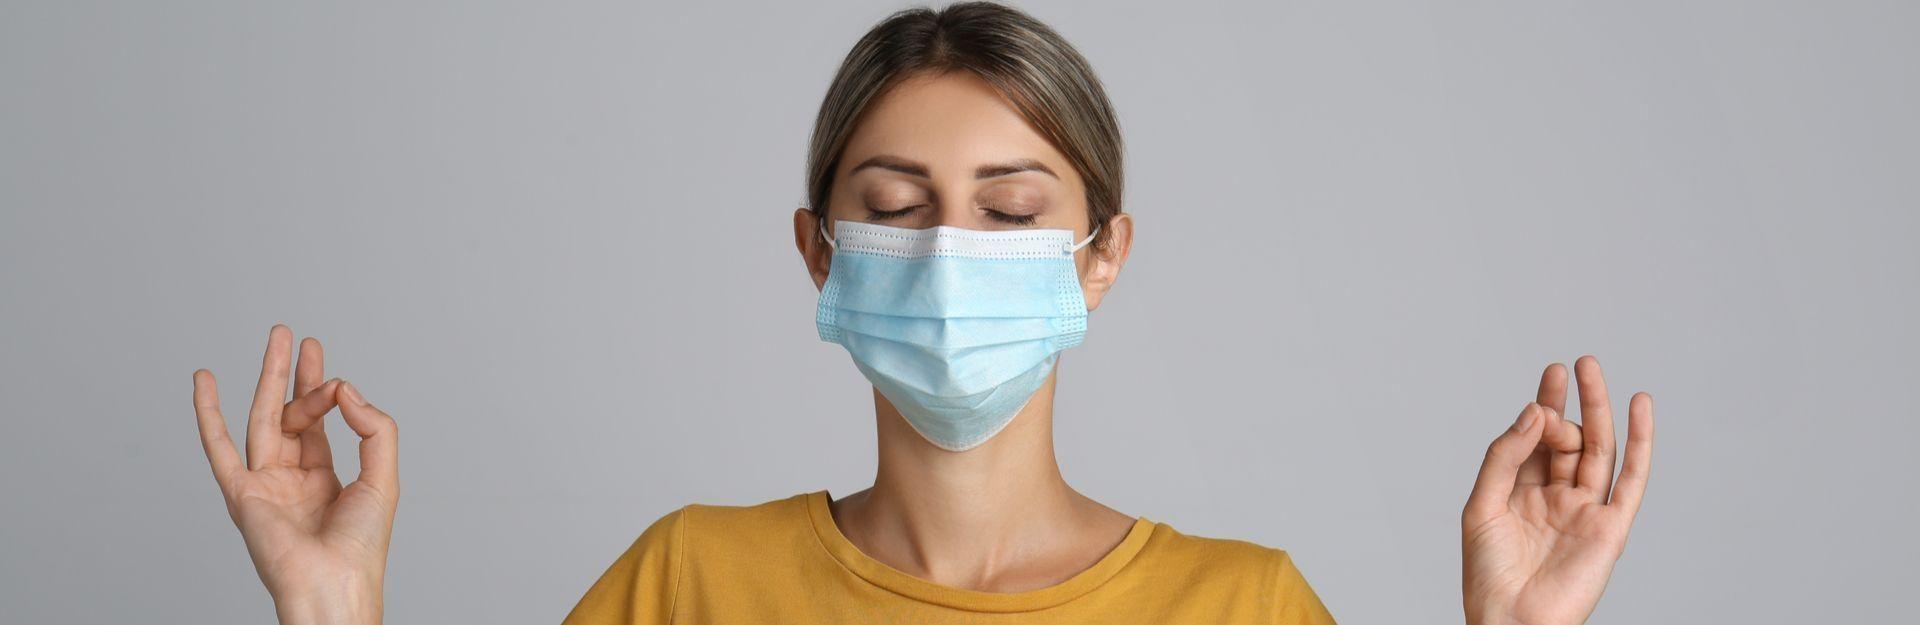 Psychologische Studierendenberatung während der Corona-Pandemie